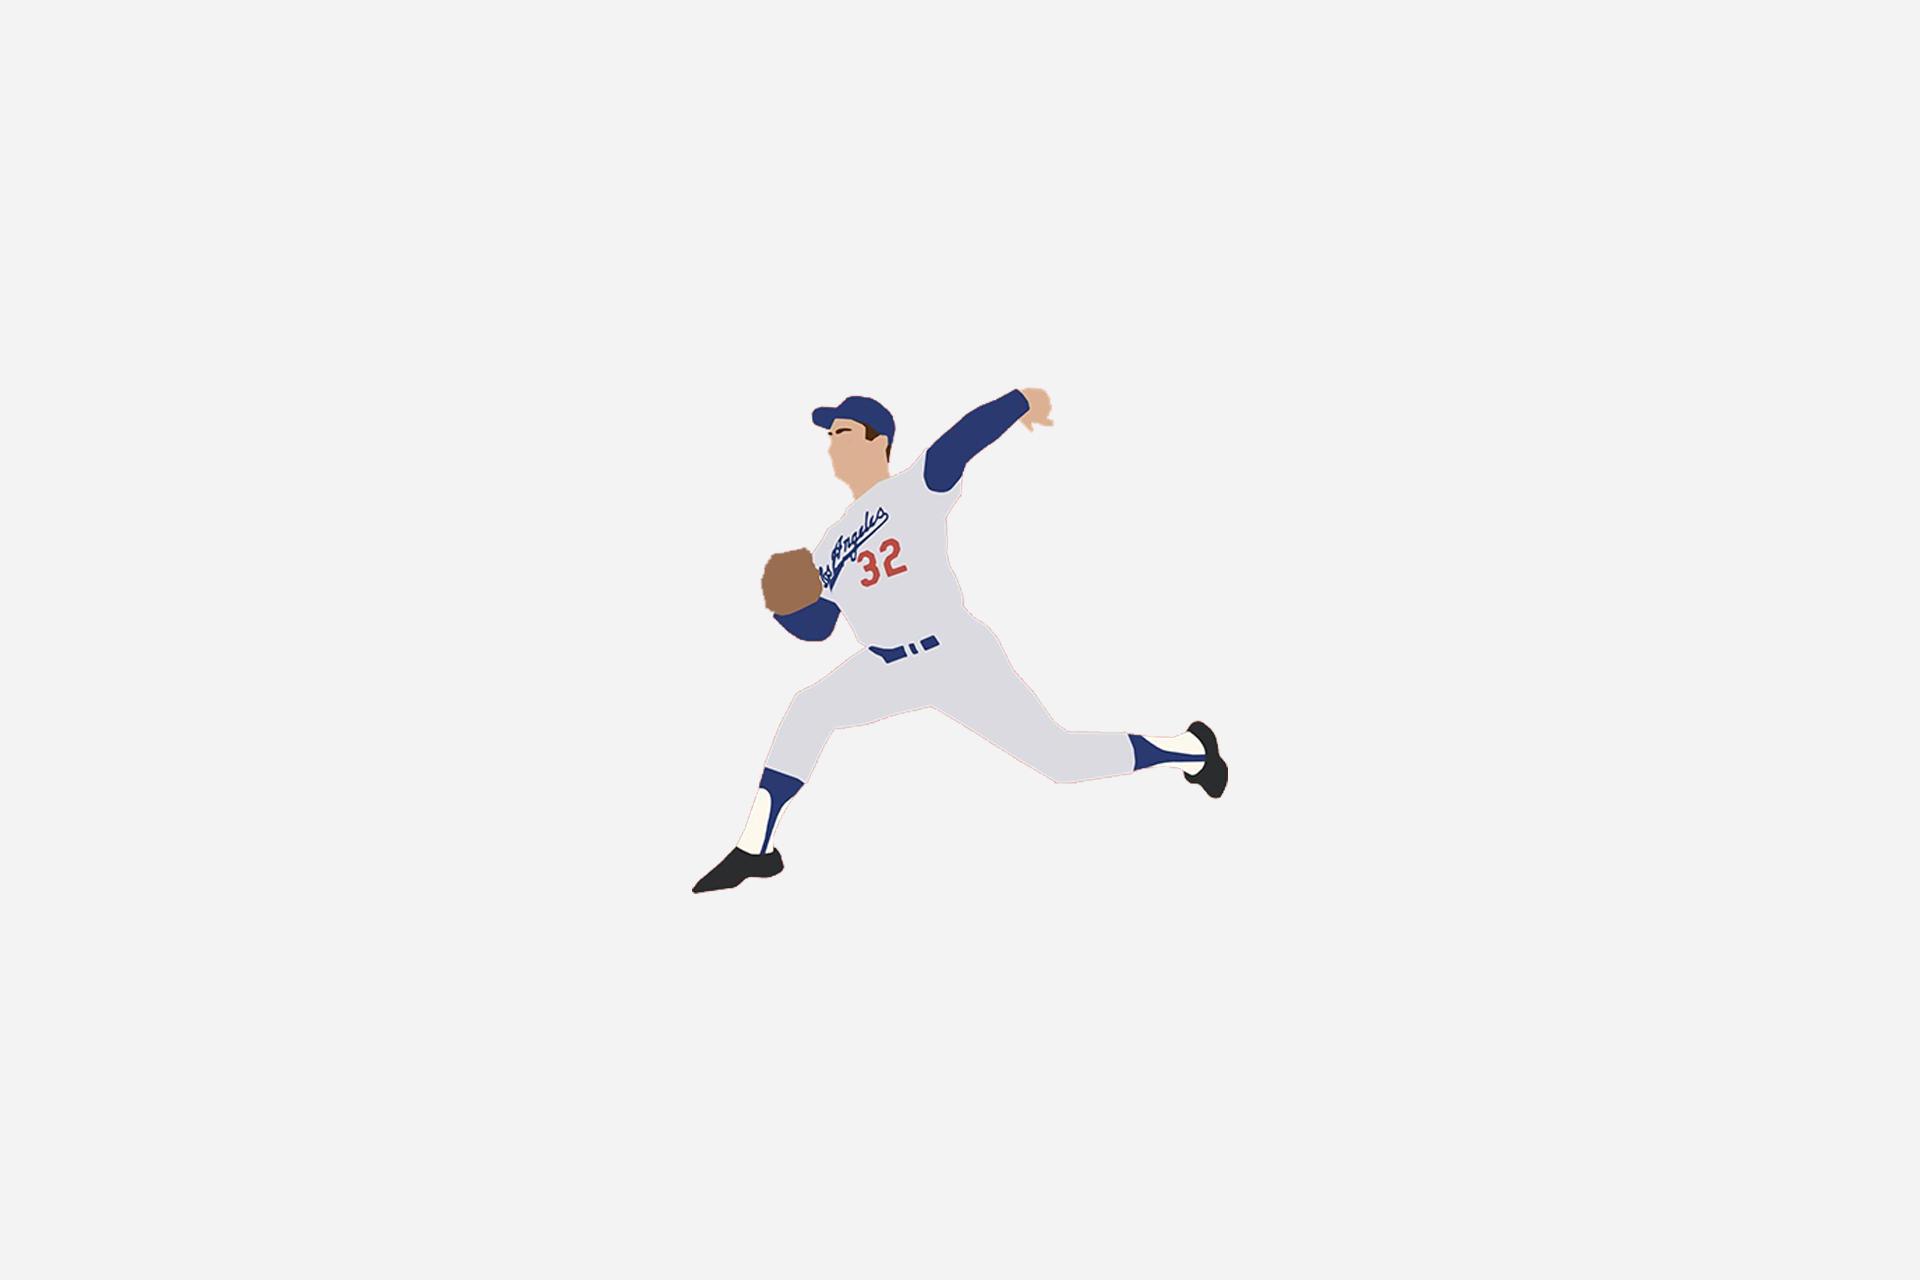 چرا بسکتبال بیشتر از بیسبال درآمد دارد